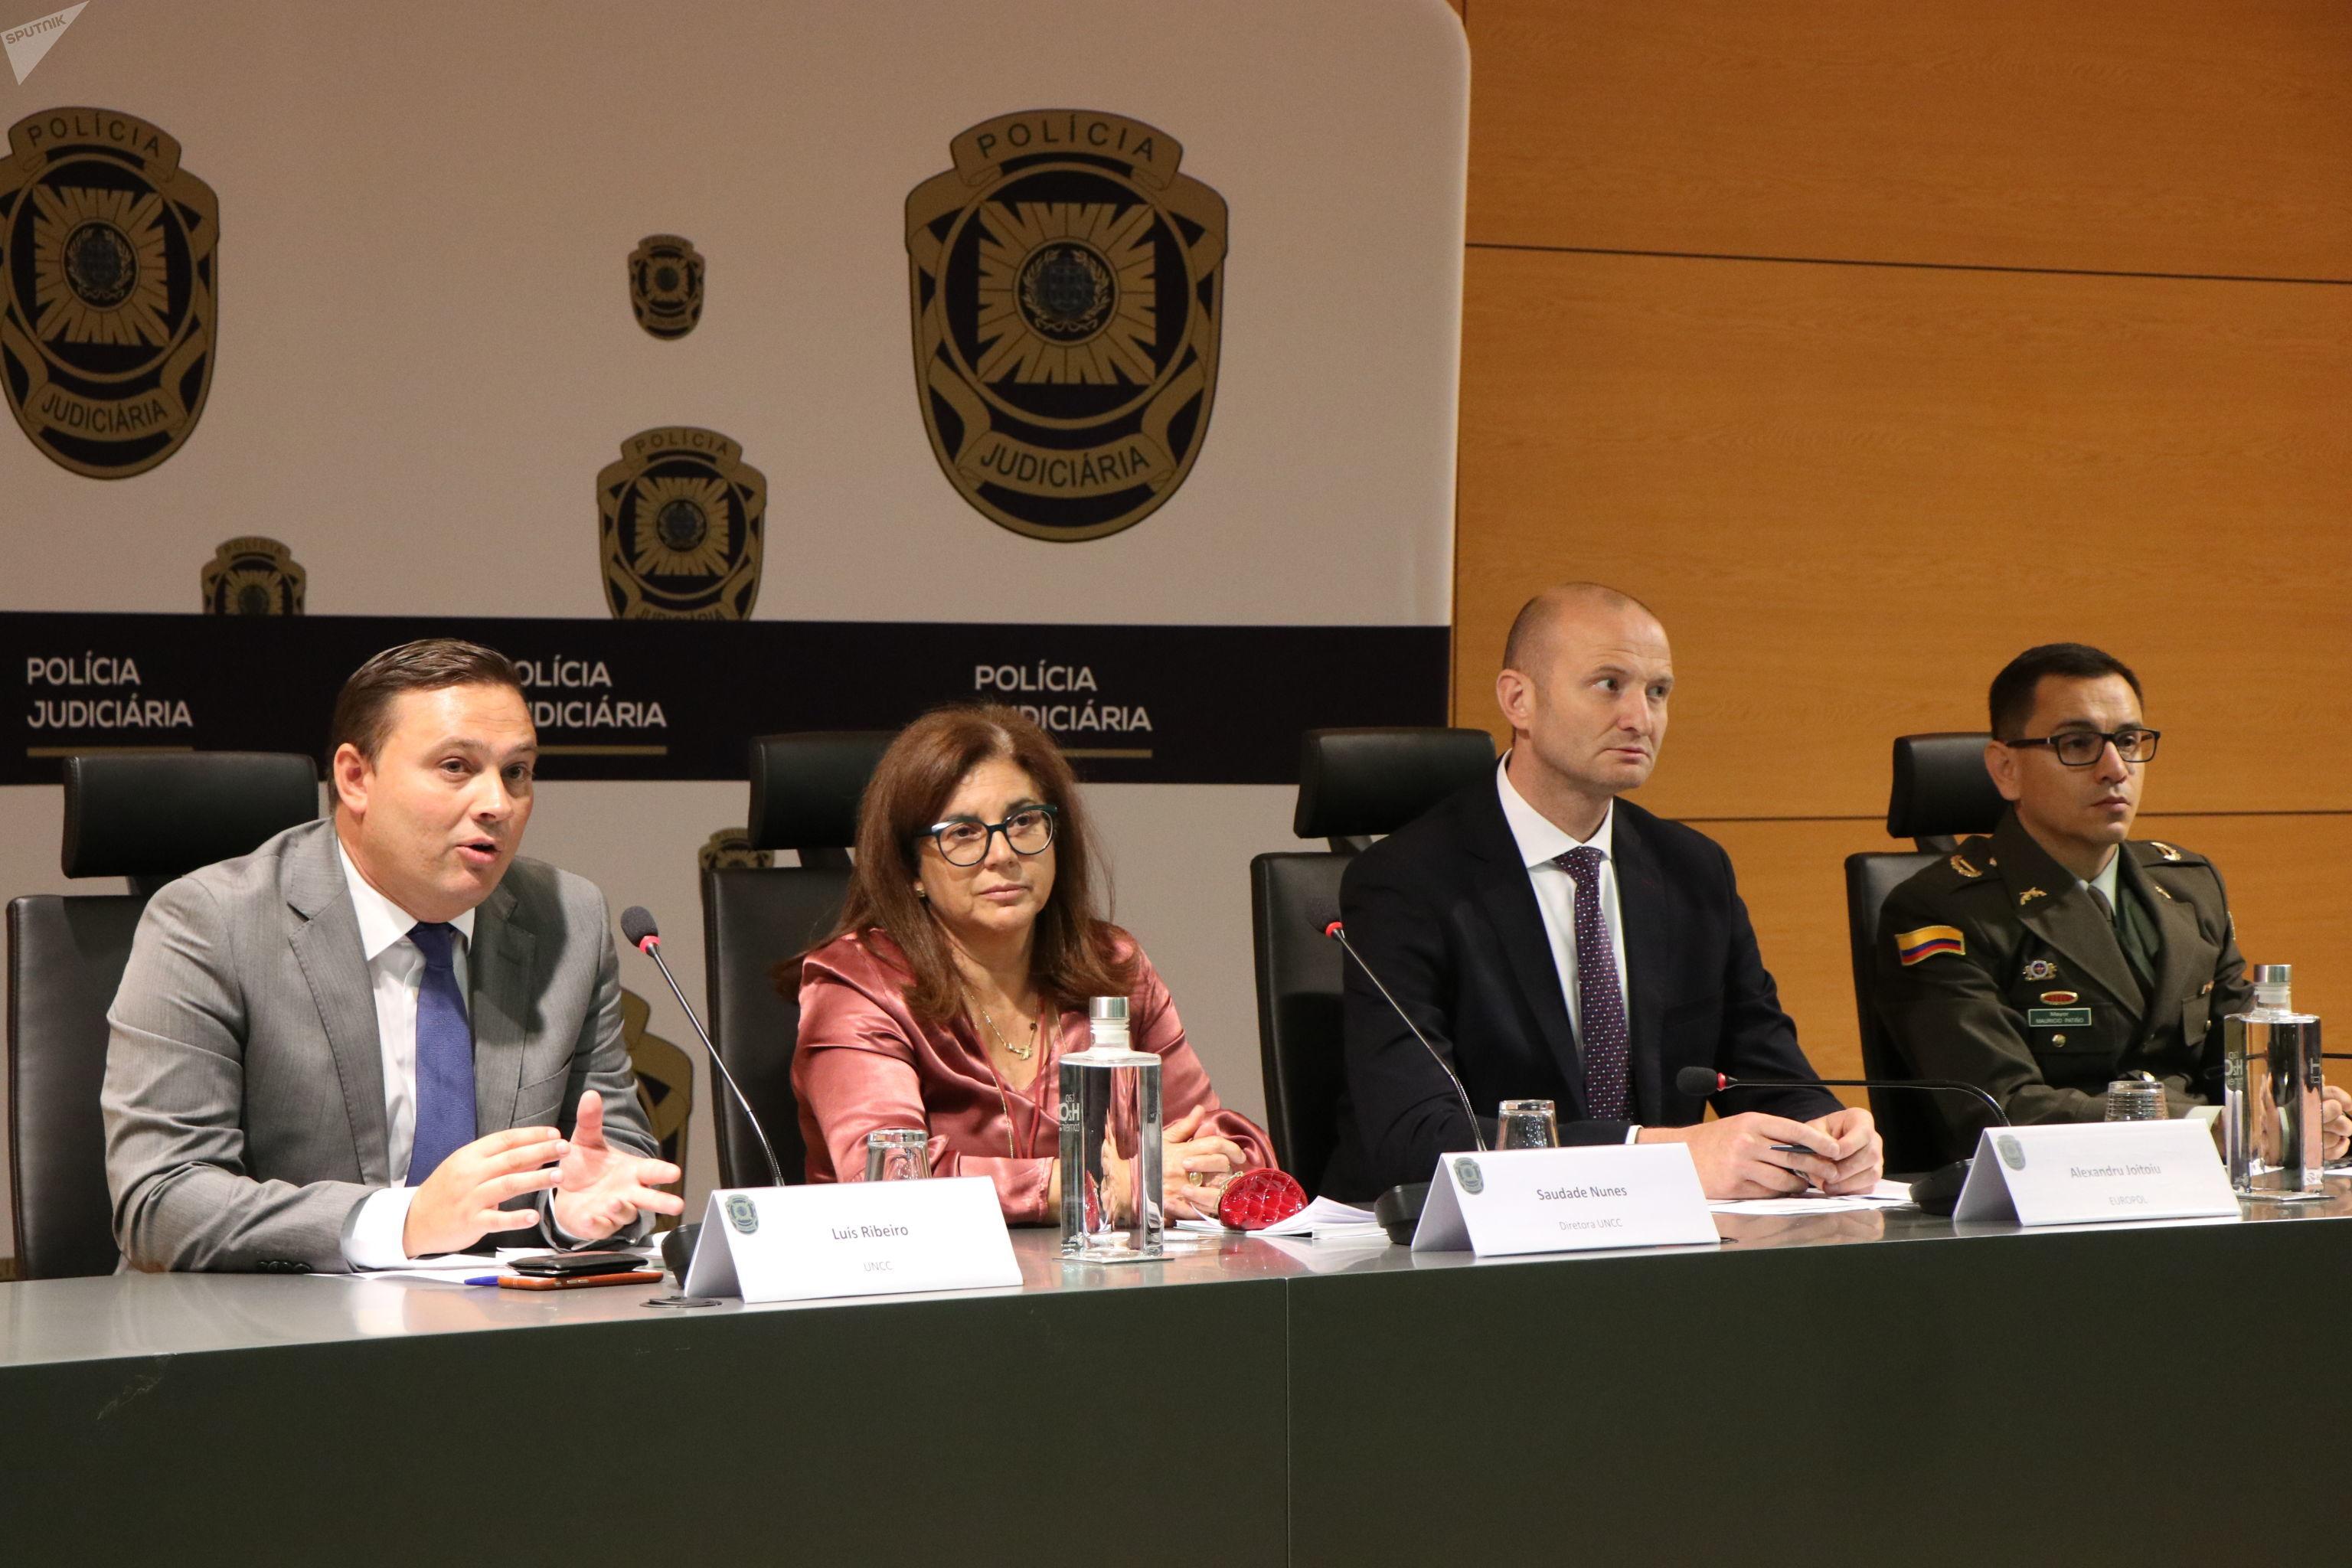 Investigadores da Polícia Judiciária de Portugal e da Europol em coletiva de imprensa